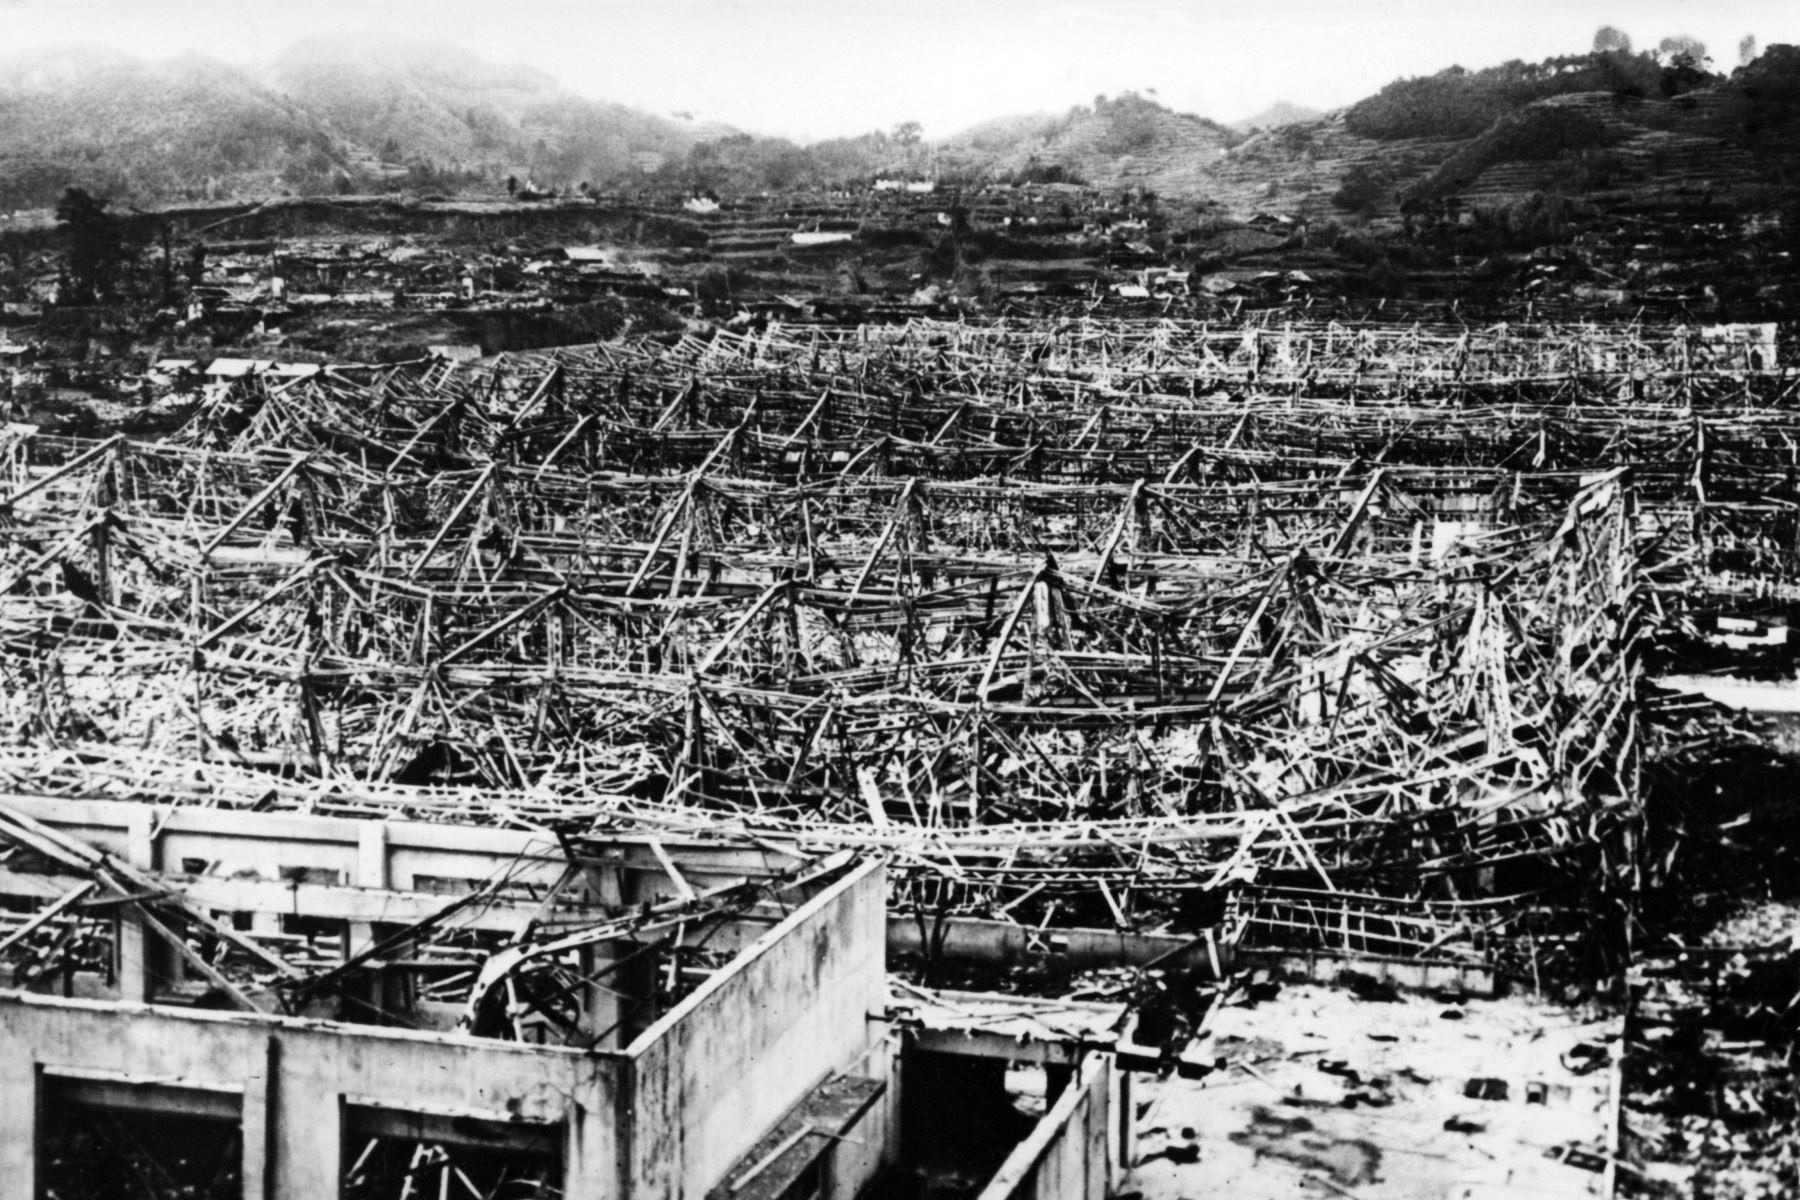 Esta foto archivada con fecha de 1945 muestra la devastada ciudad de Nagasaki después de que una bomba atómica fue arrojada por una Fuerza Aérea estadounidense B-29 el 9 de agosto de 1945. Foto: AFP